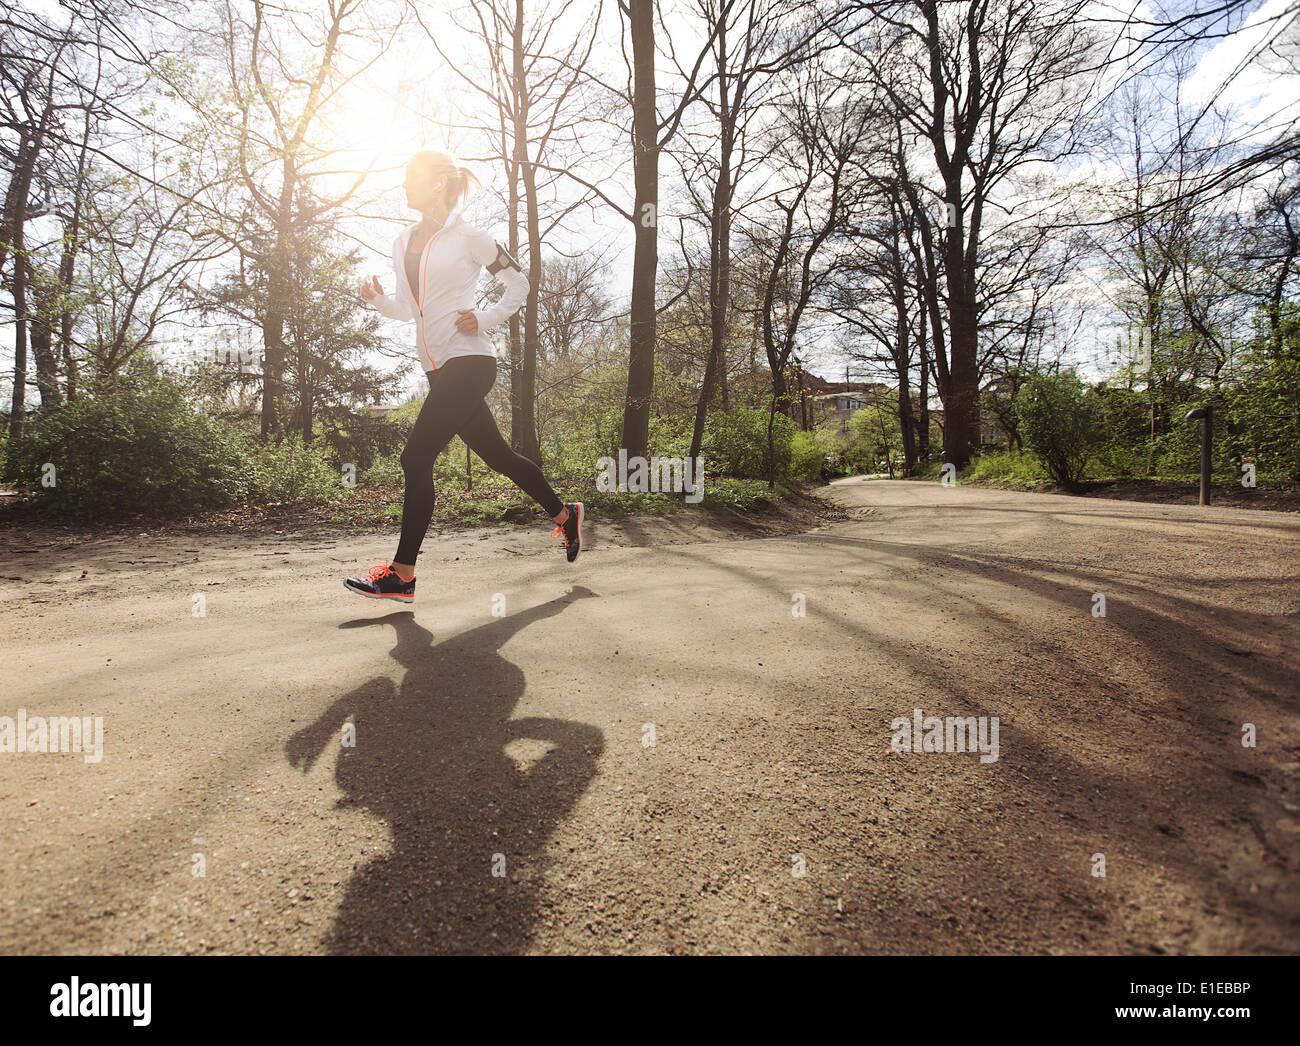 Mujer joven y saludable trotar en el parque. Modelo femenino de Fitness corriendo en el bosque. Modelo de fitness del Cáucaso el ejercicio al aire libre. Imagen De Stock